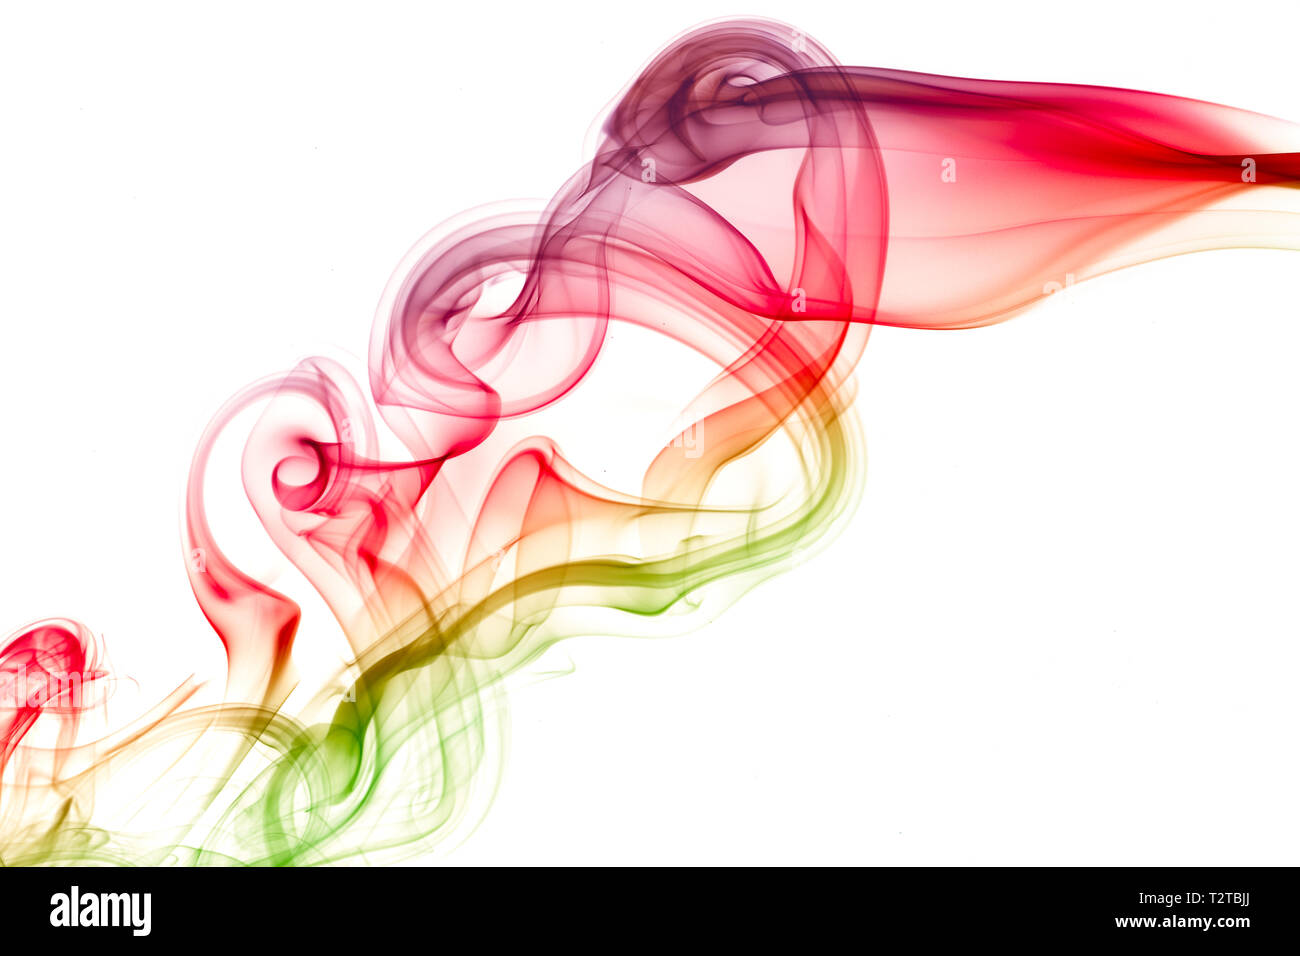 Image abstraite de la fumée de couleur sur fond blanc Banque D'Images